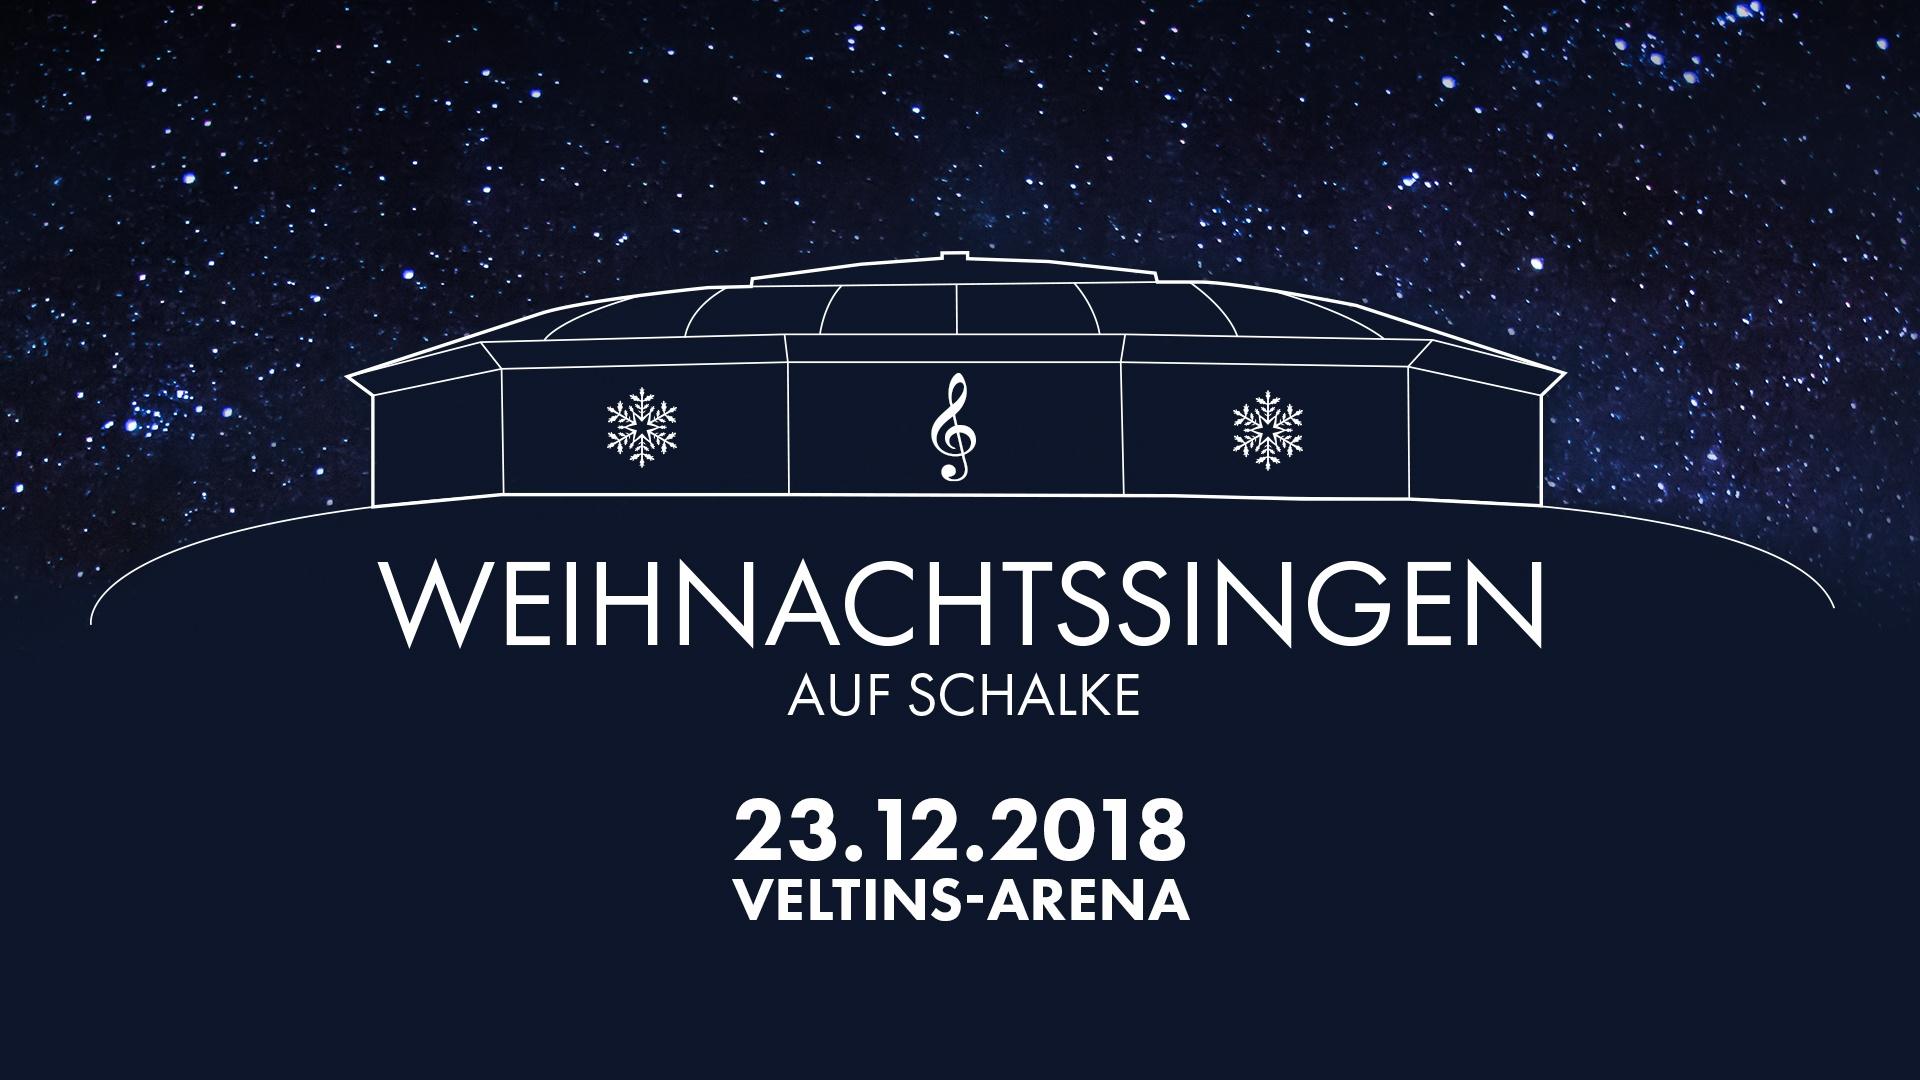 Weihnachtssingen Auf Schalke, 23. Dezember